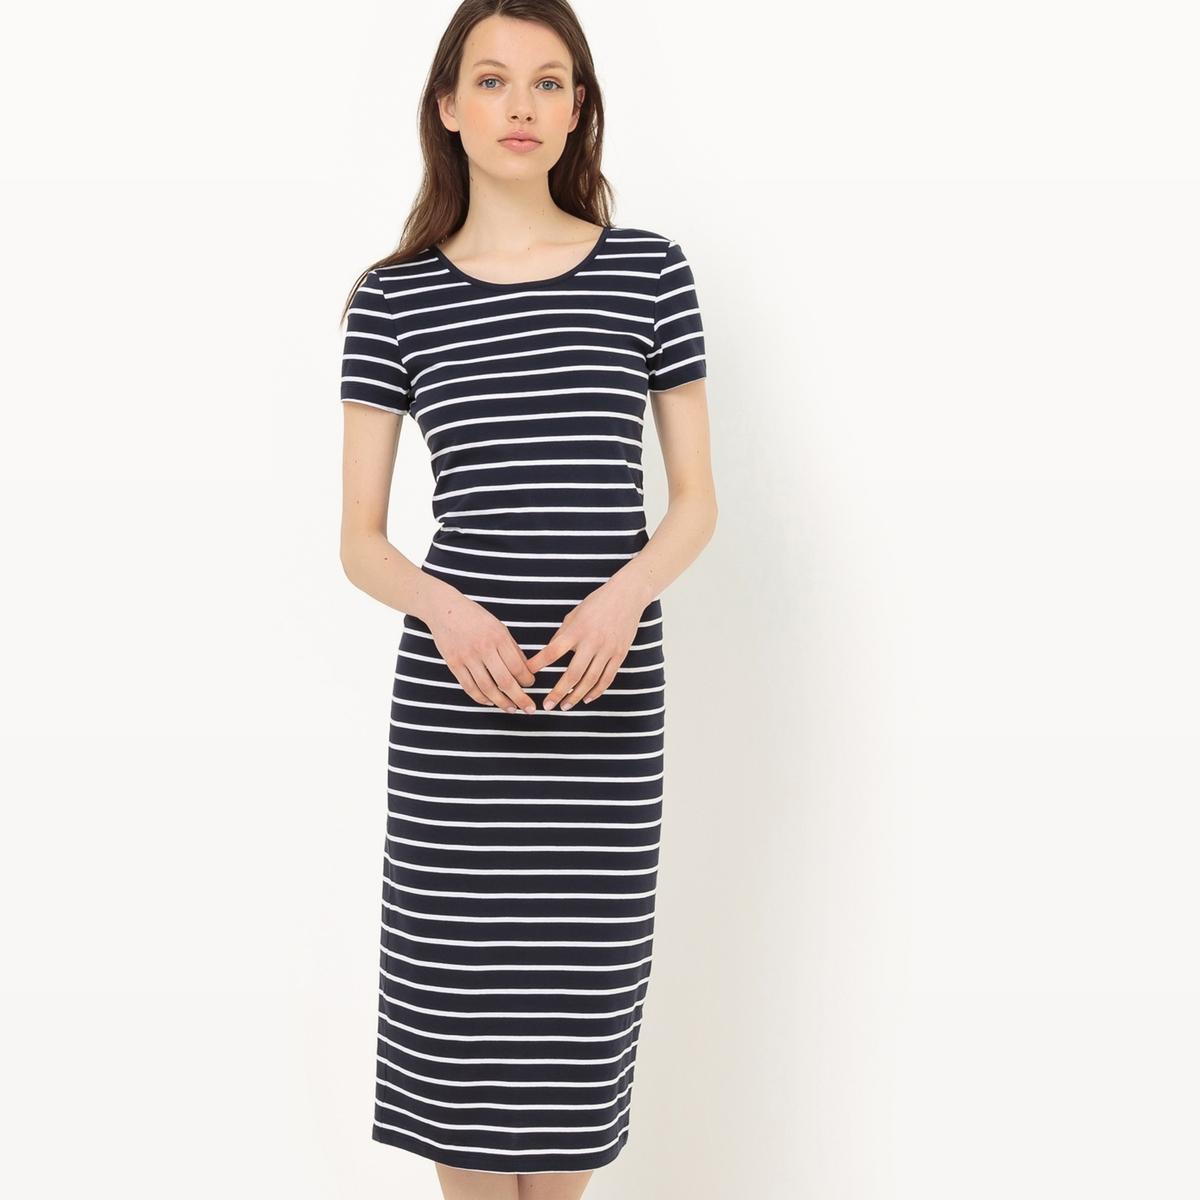 Платье в полоскуМатериал : 100% хлопок   Длина рукава : короткие рукава   Форма воротника : круглый вырез  Покрой платья : платье прямого покроя     Рисунок : в полоску Длина платья : длинное<br><br>Цвет: темно-синий в белую полоску